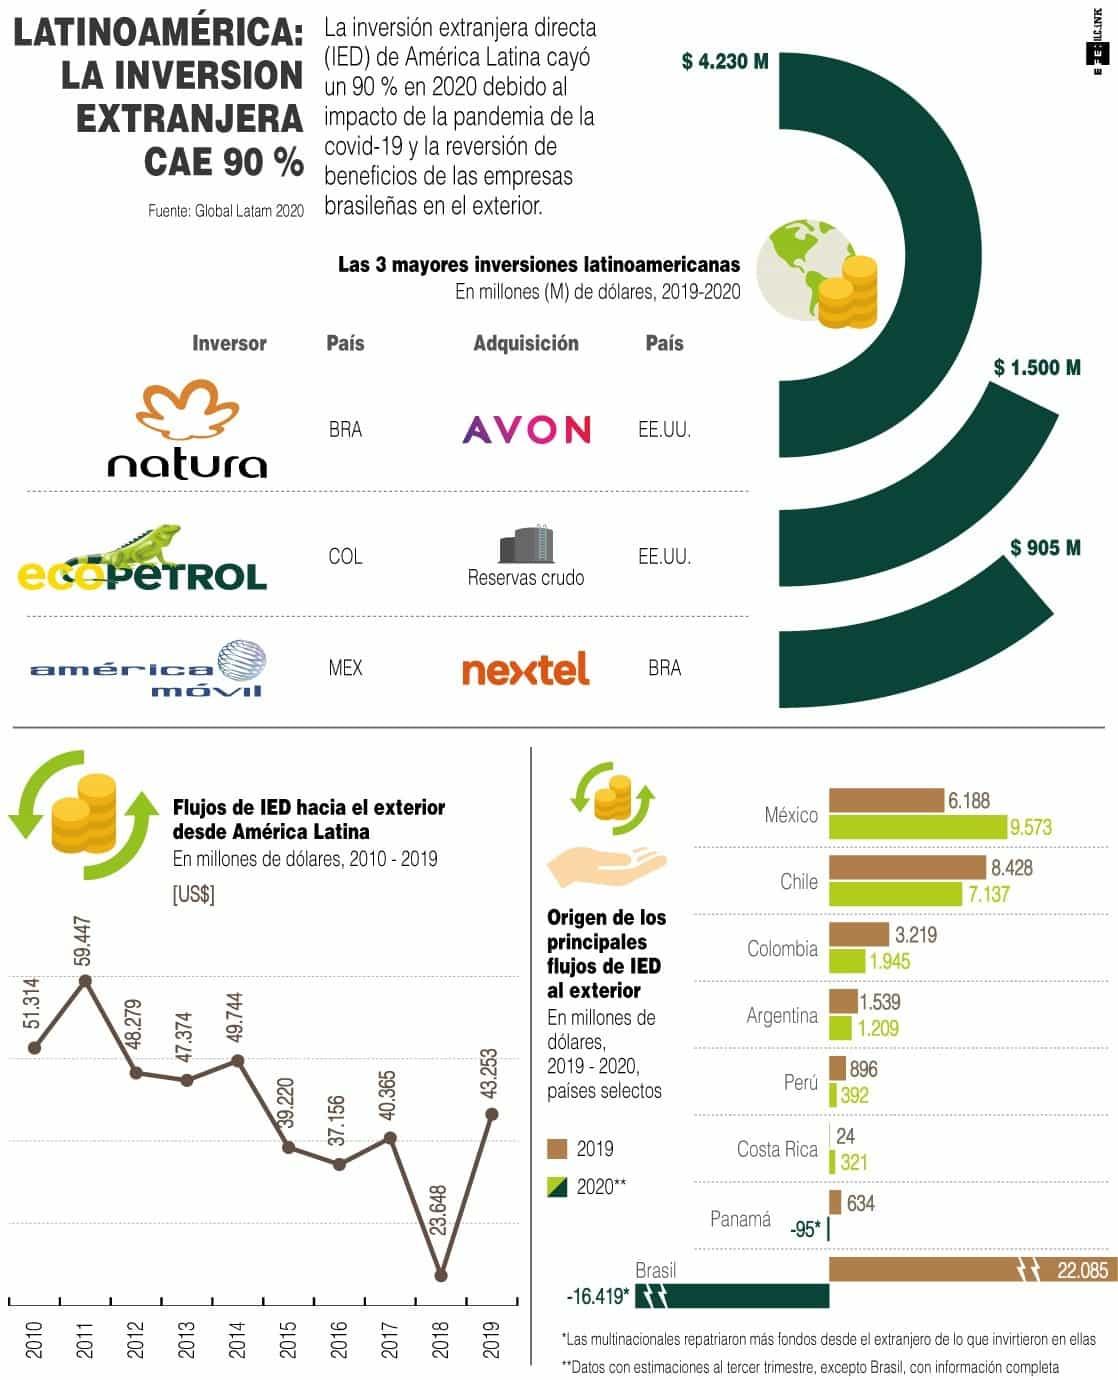 [Infografía] - La inversión extranjera directa de Latinoamérica cae un 90 % 1